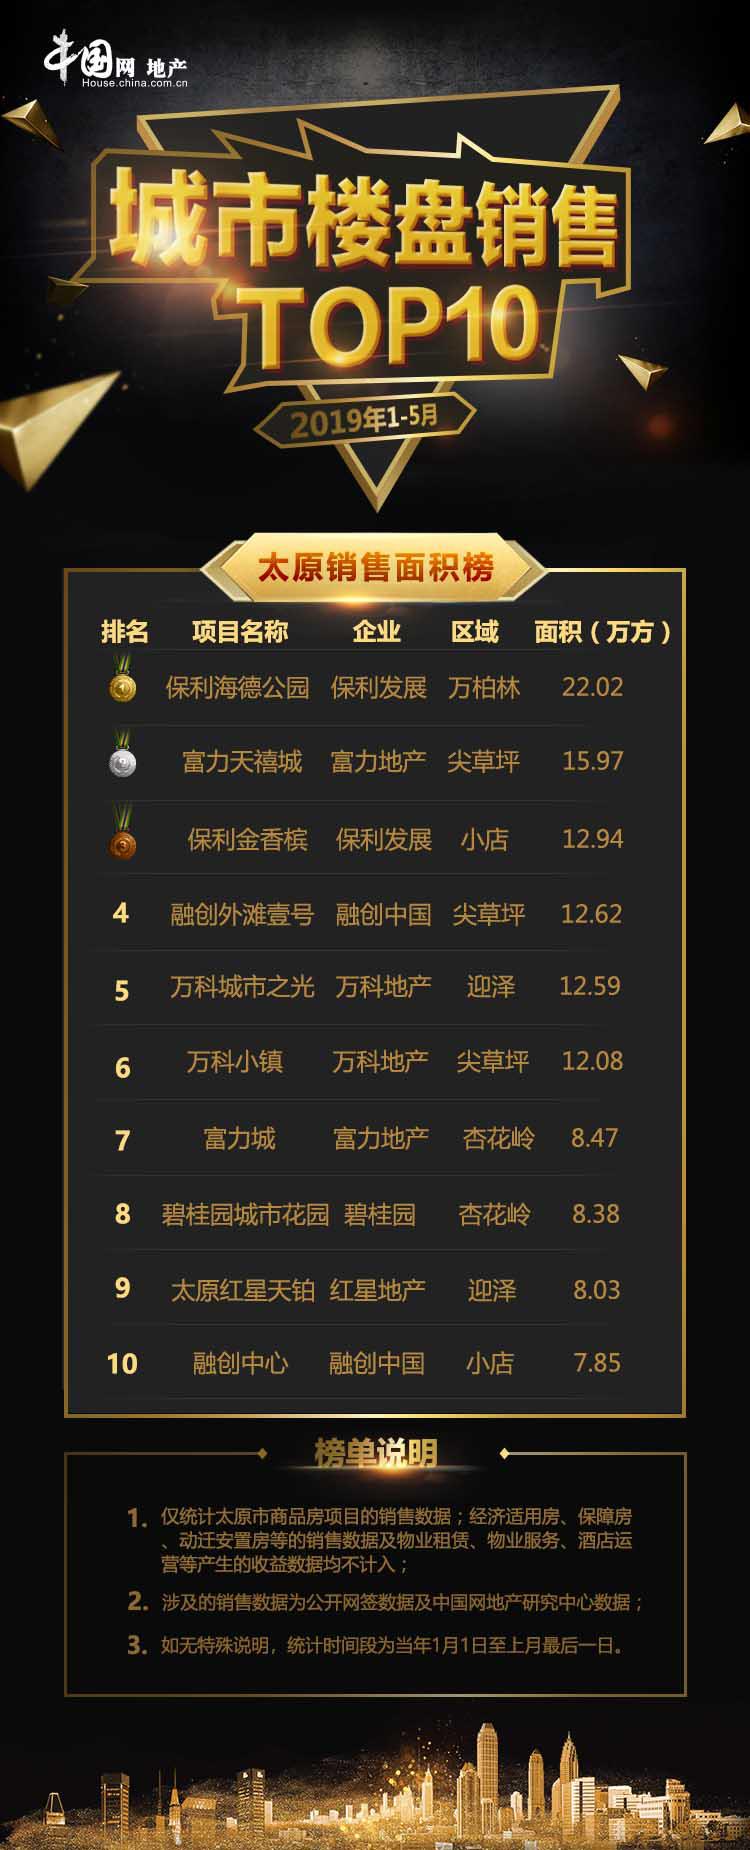 2019年1-5月太原楼盘量升价跌,新房市场总体趋稳-中国网地产